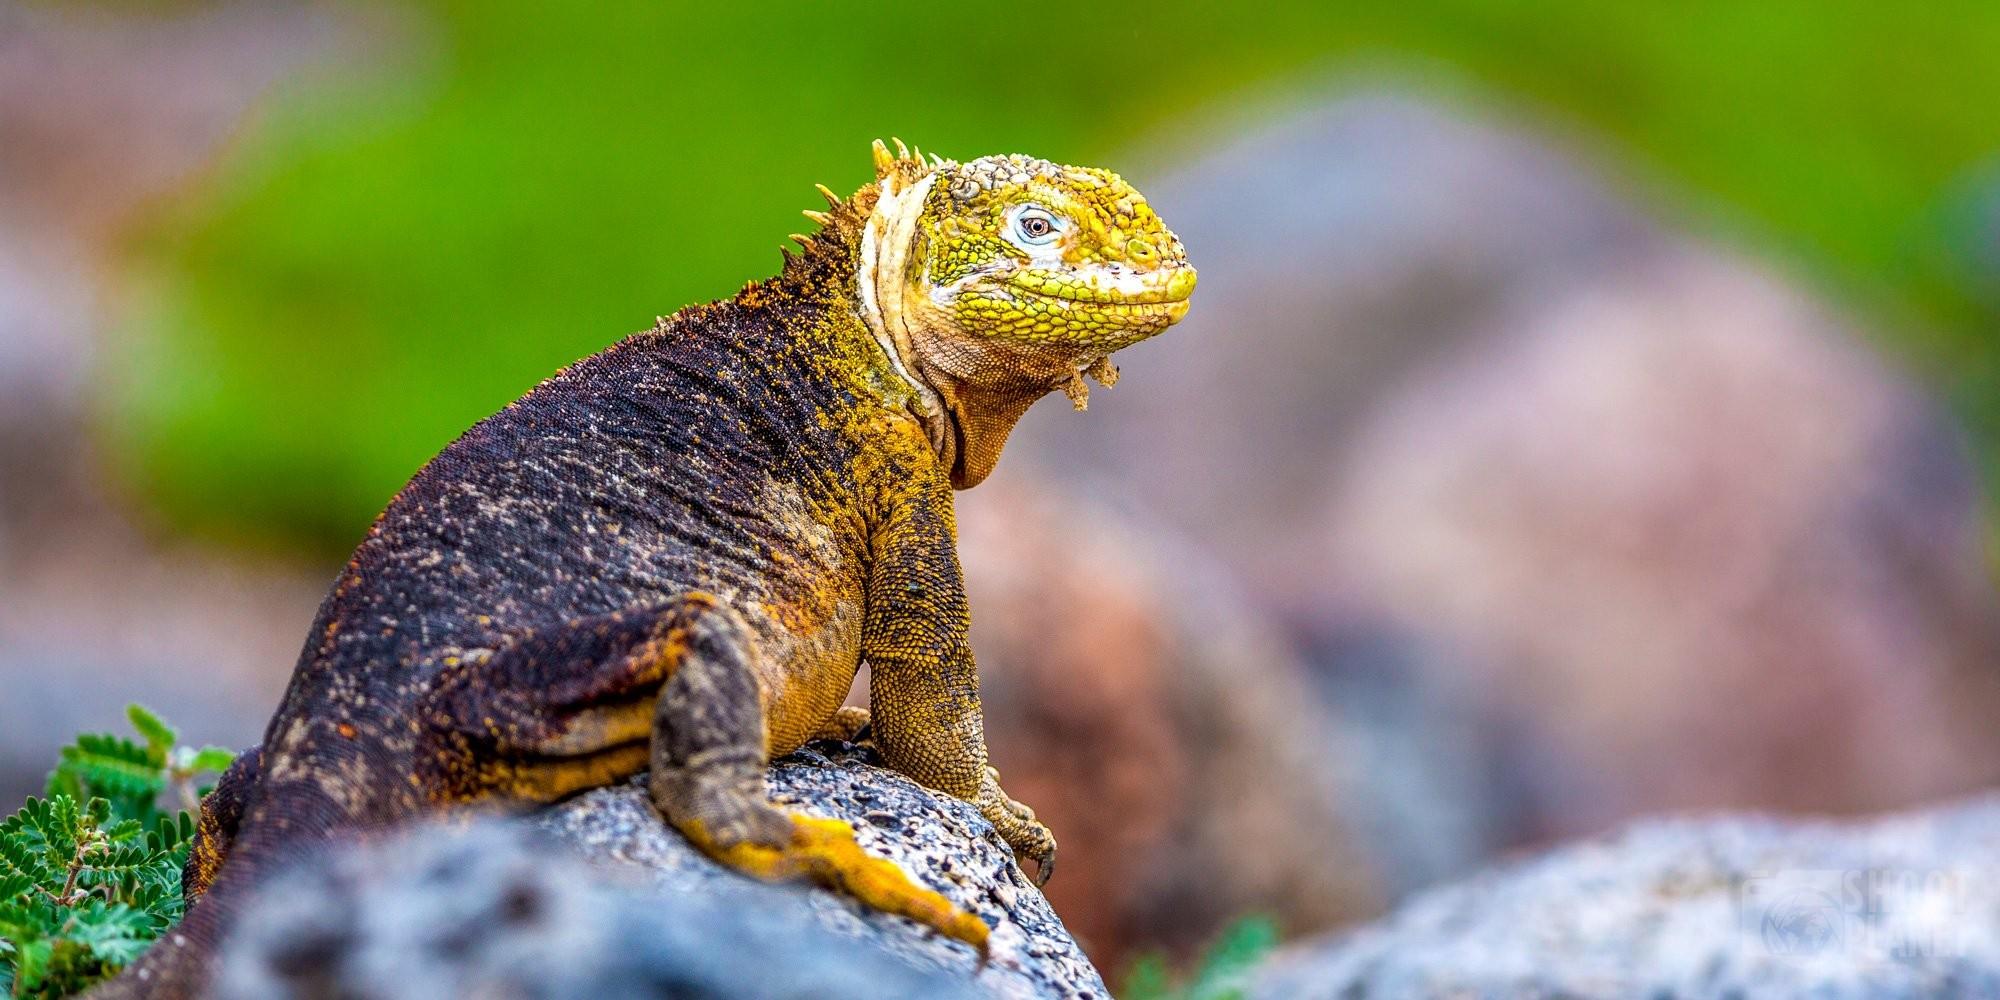 Land iguana in Galapagos Islands Ecuador